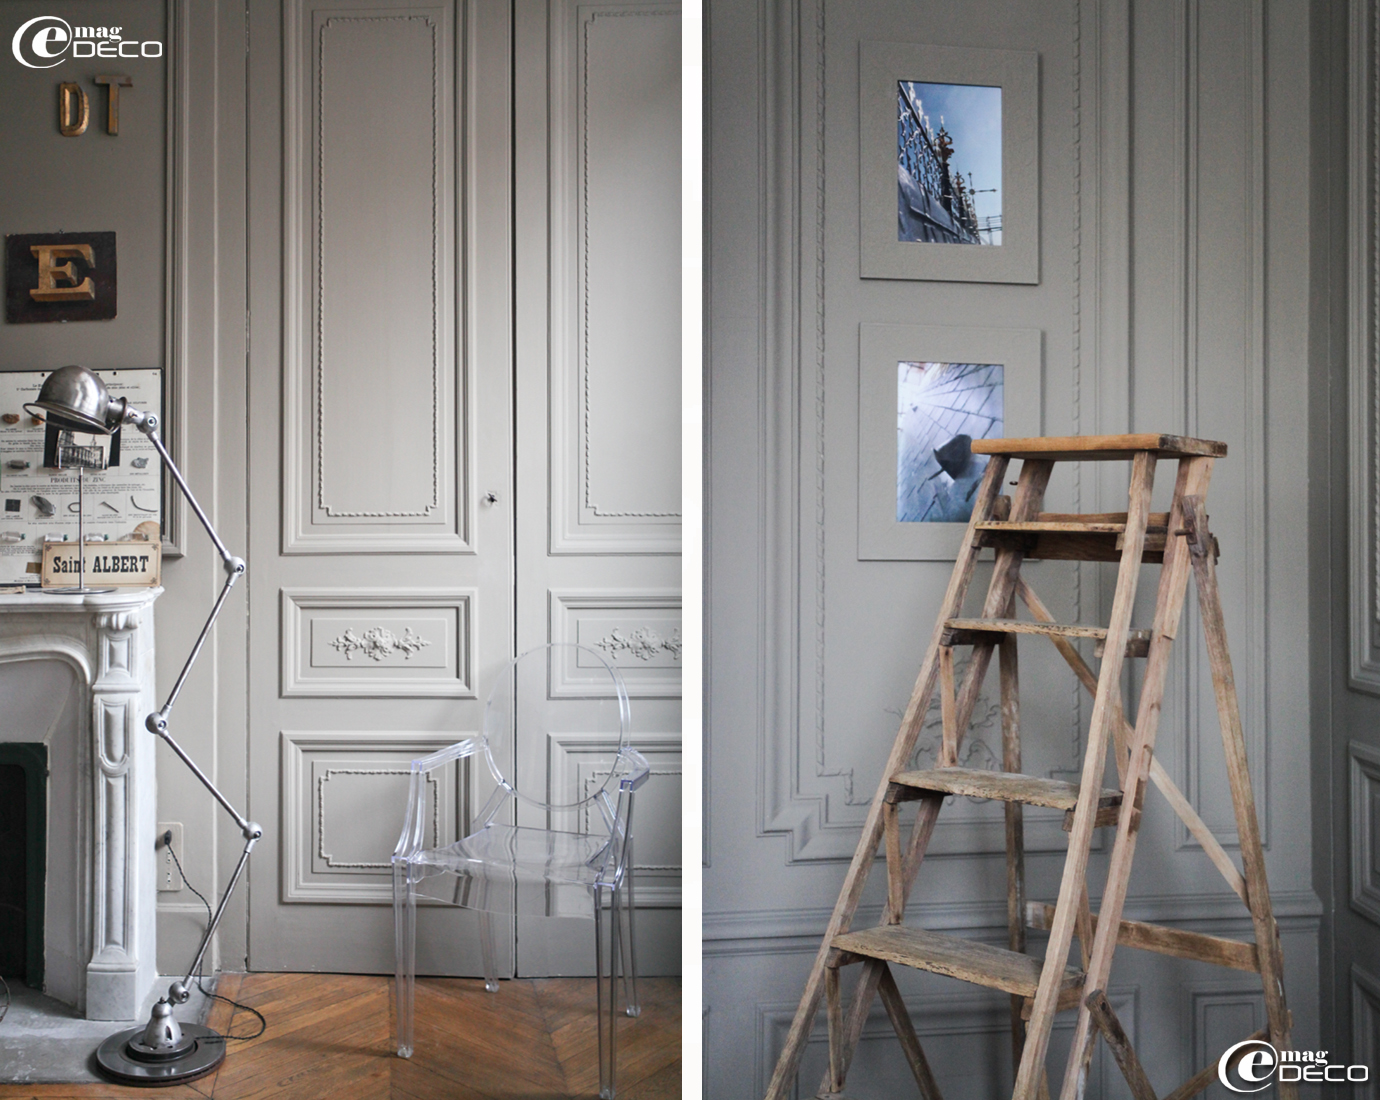 Lampe Jieldé, chaise Louis Ghost et escabeau équipe un bureau très tendance' de Philippe Starck